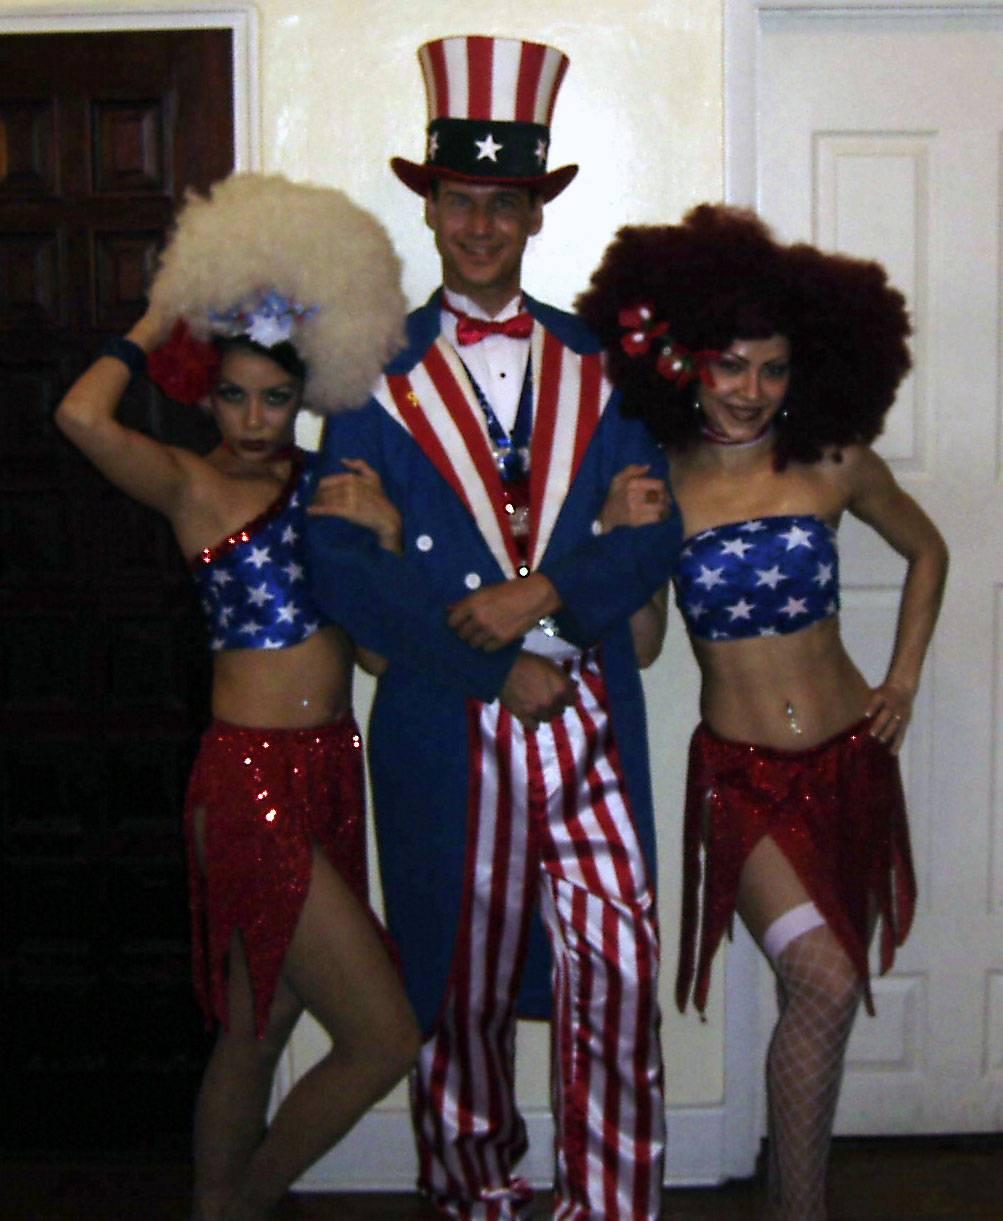 Uncle Sam I am